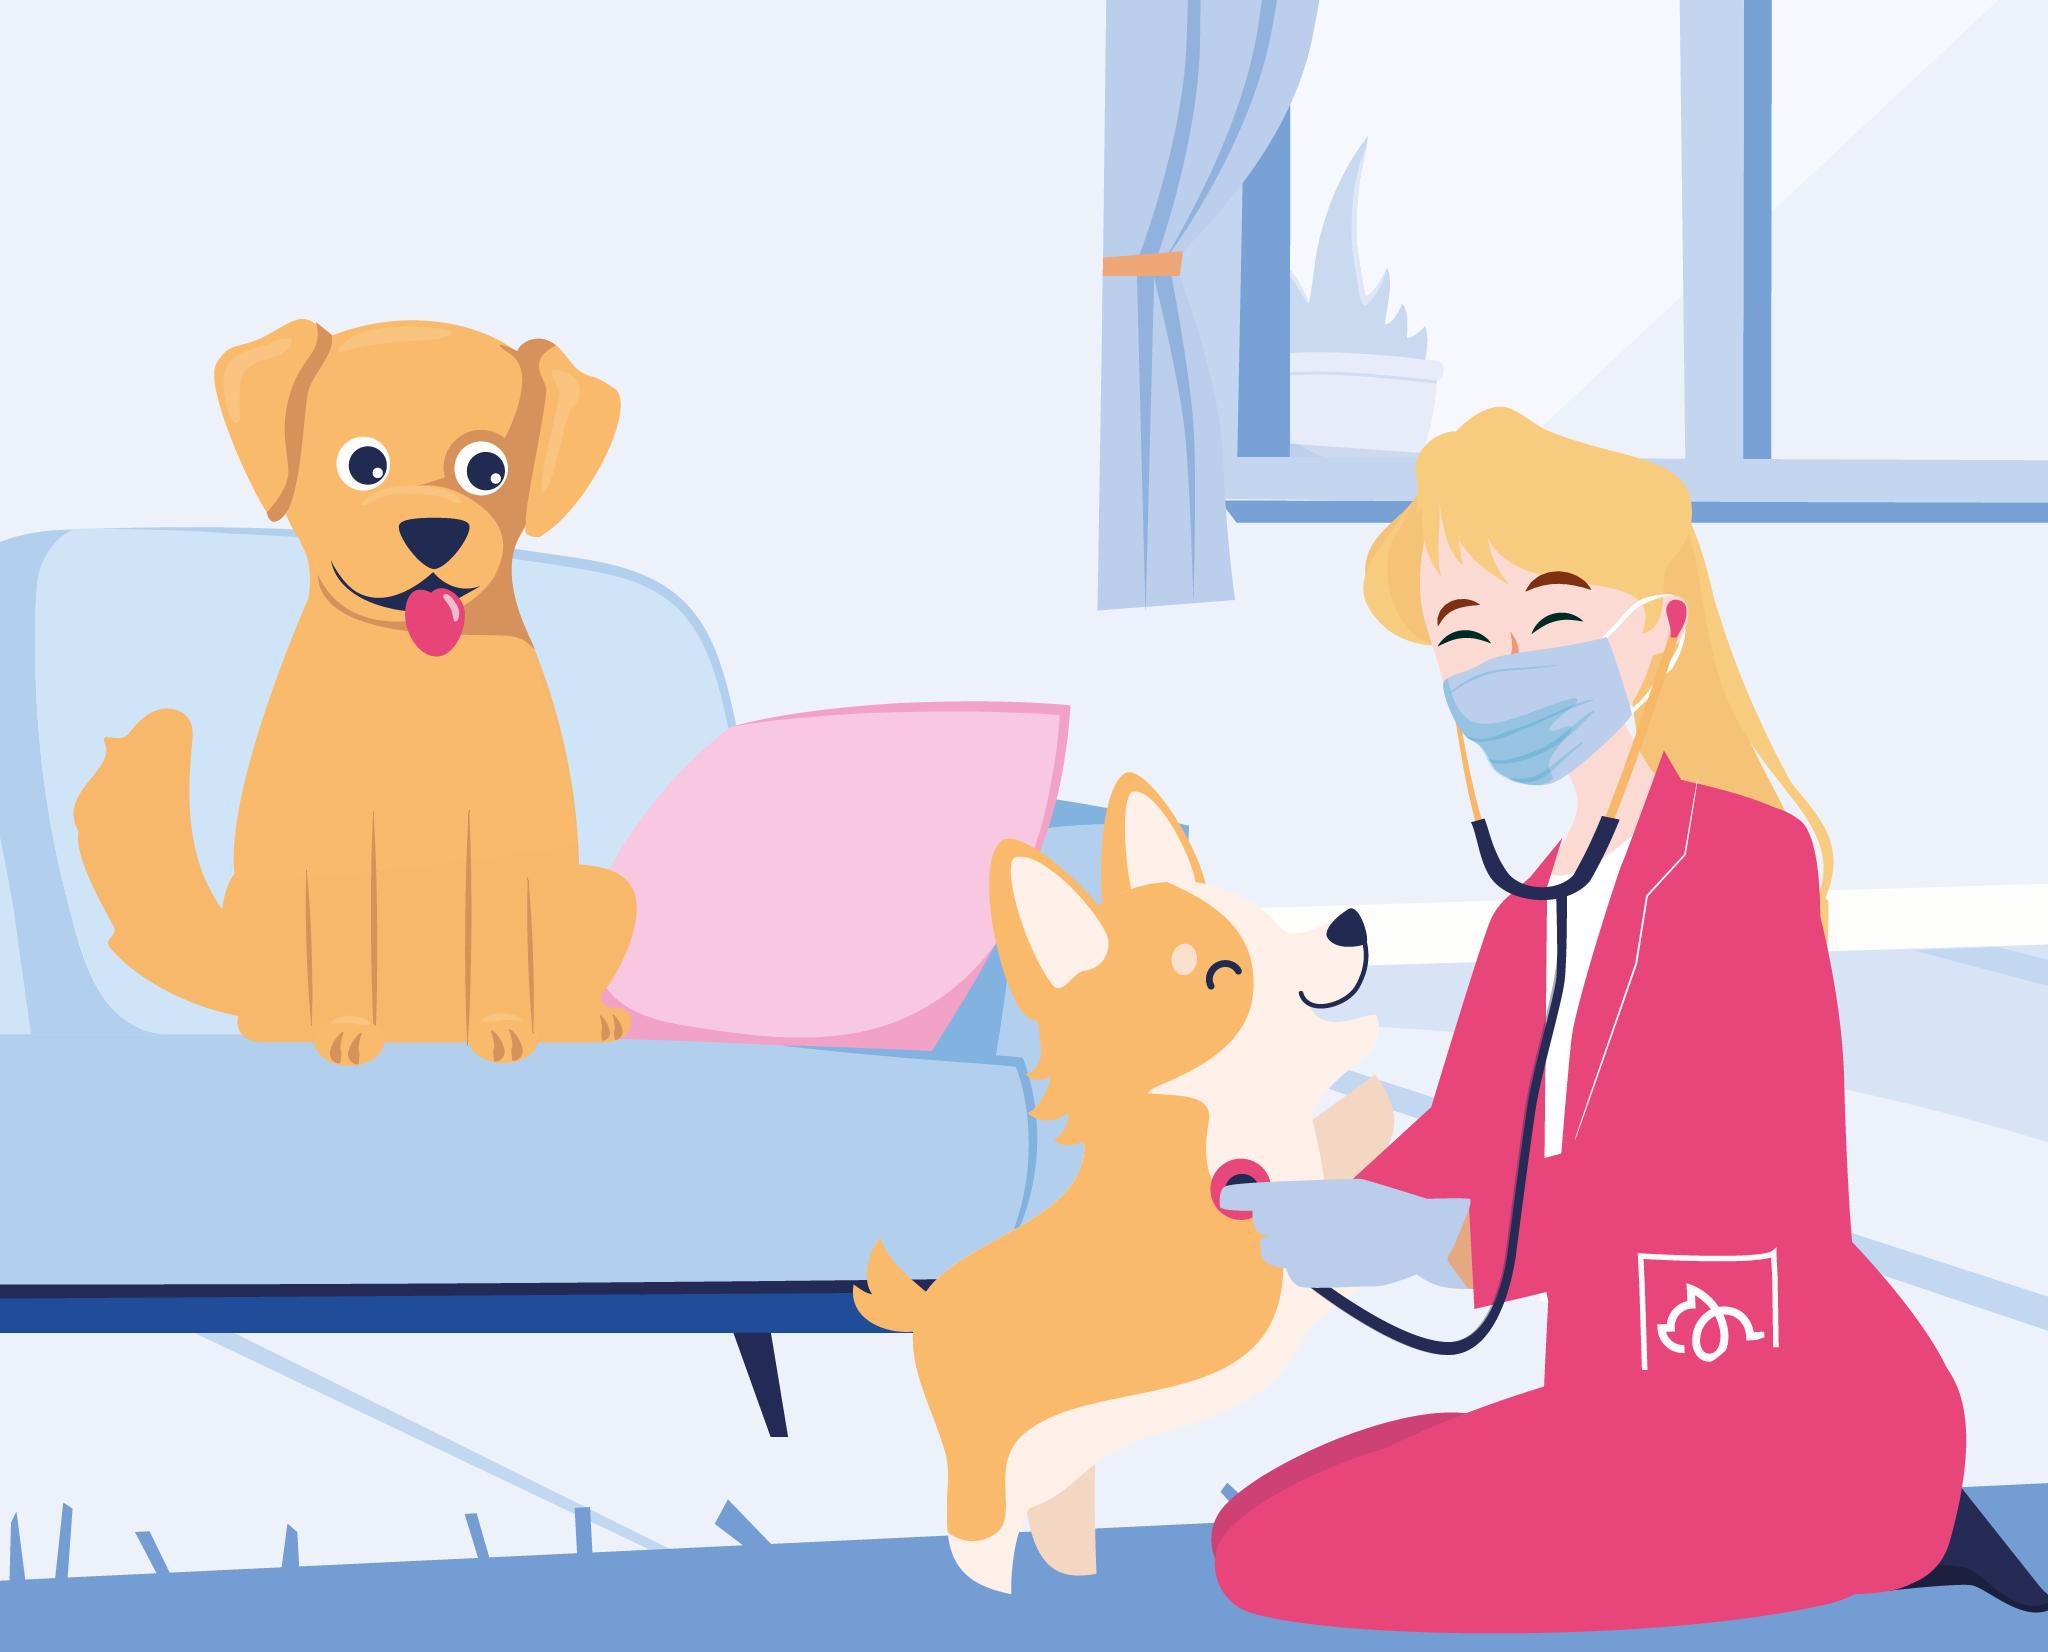 BetterVet vet doing a physical check to pets illustration.